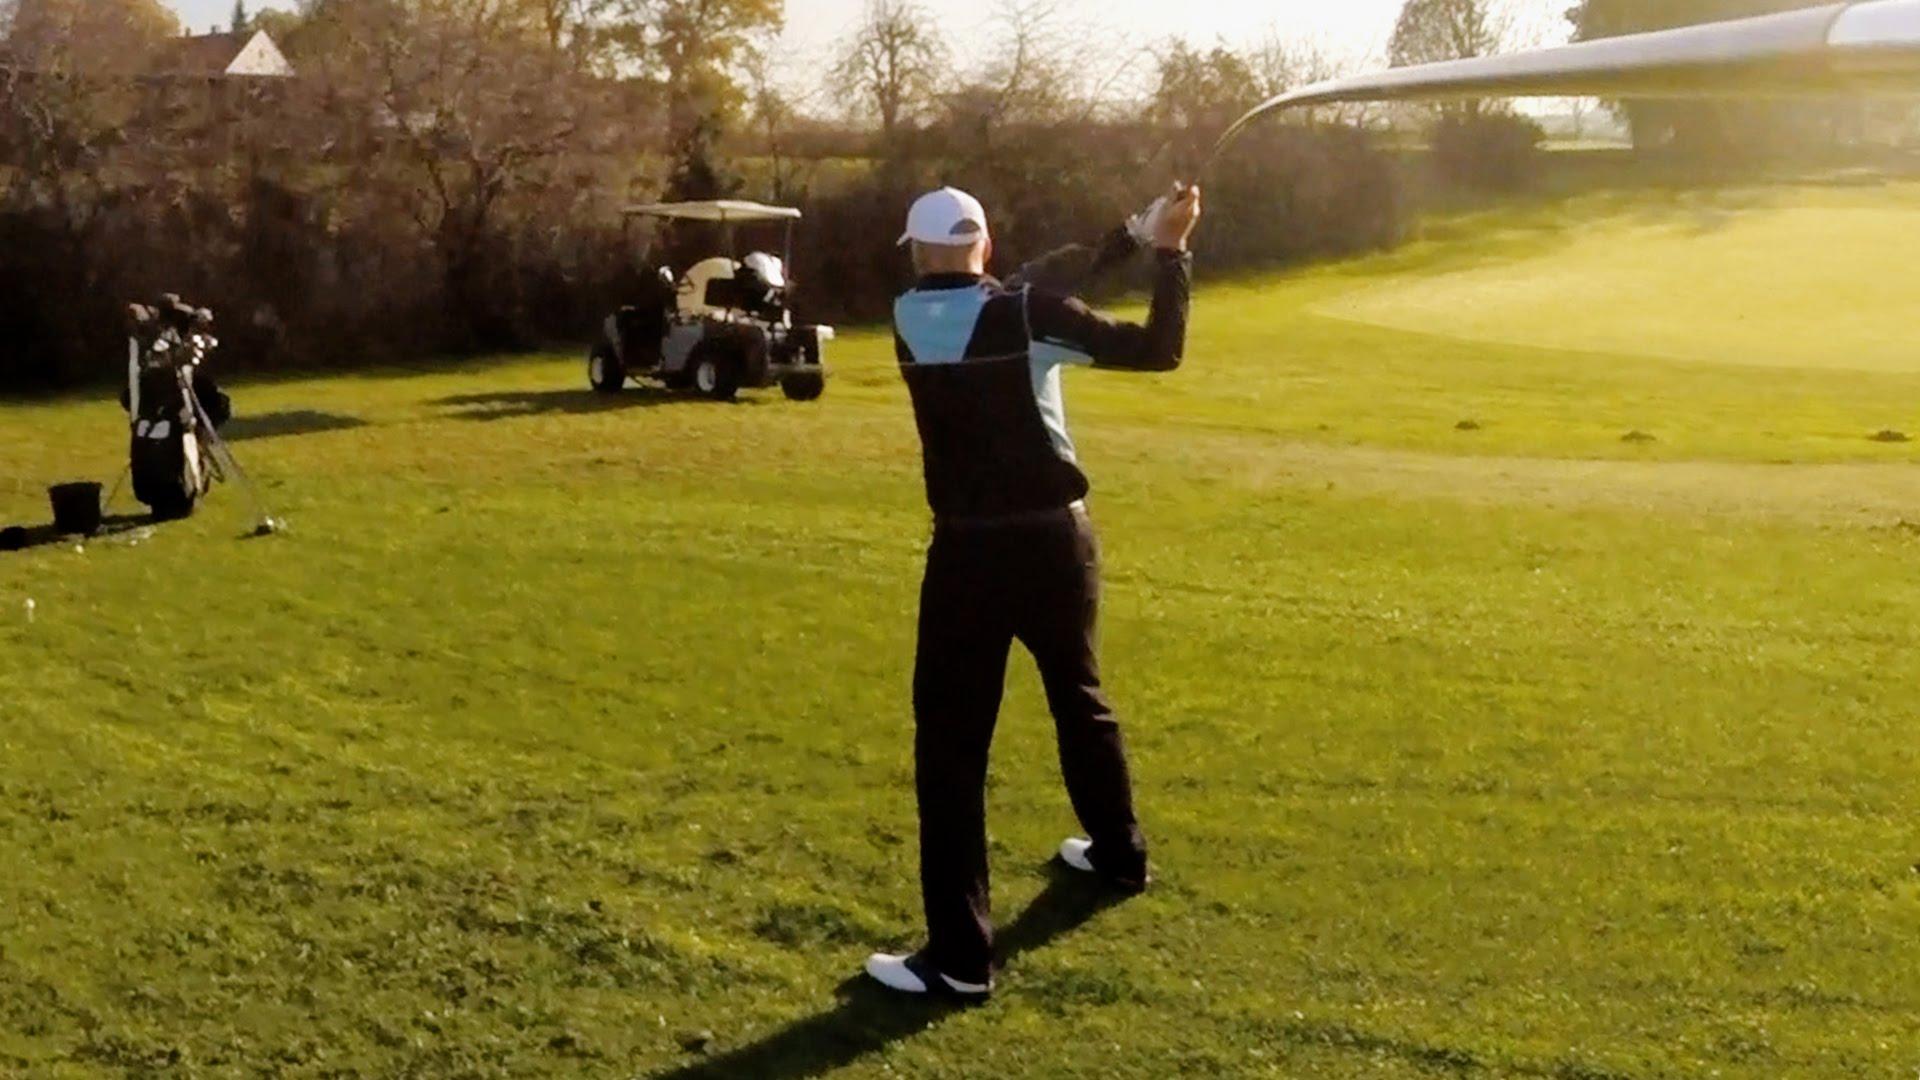 へんてこなグラブで打つゴルフのトリックショット